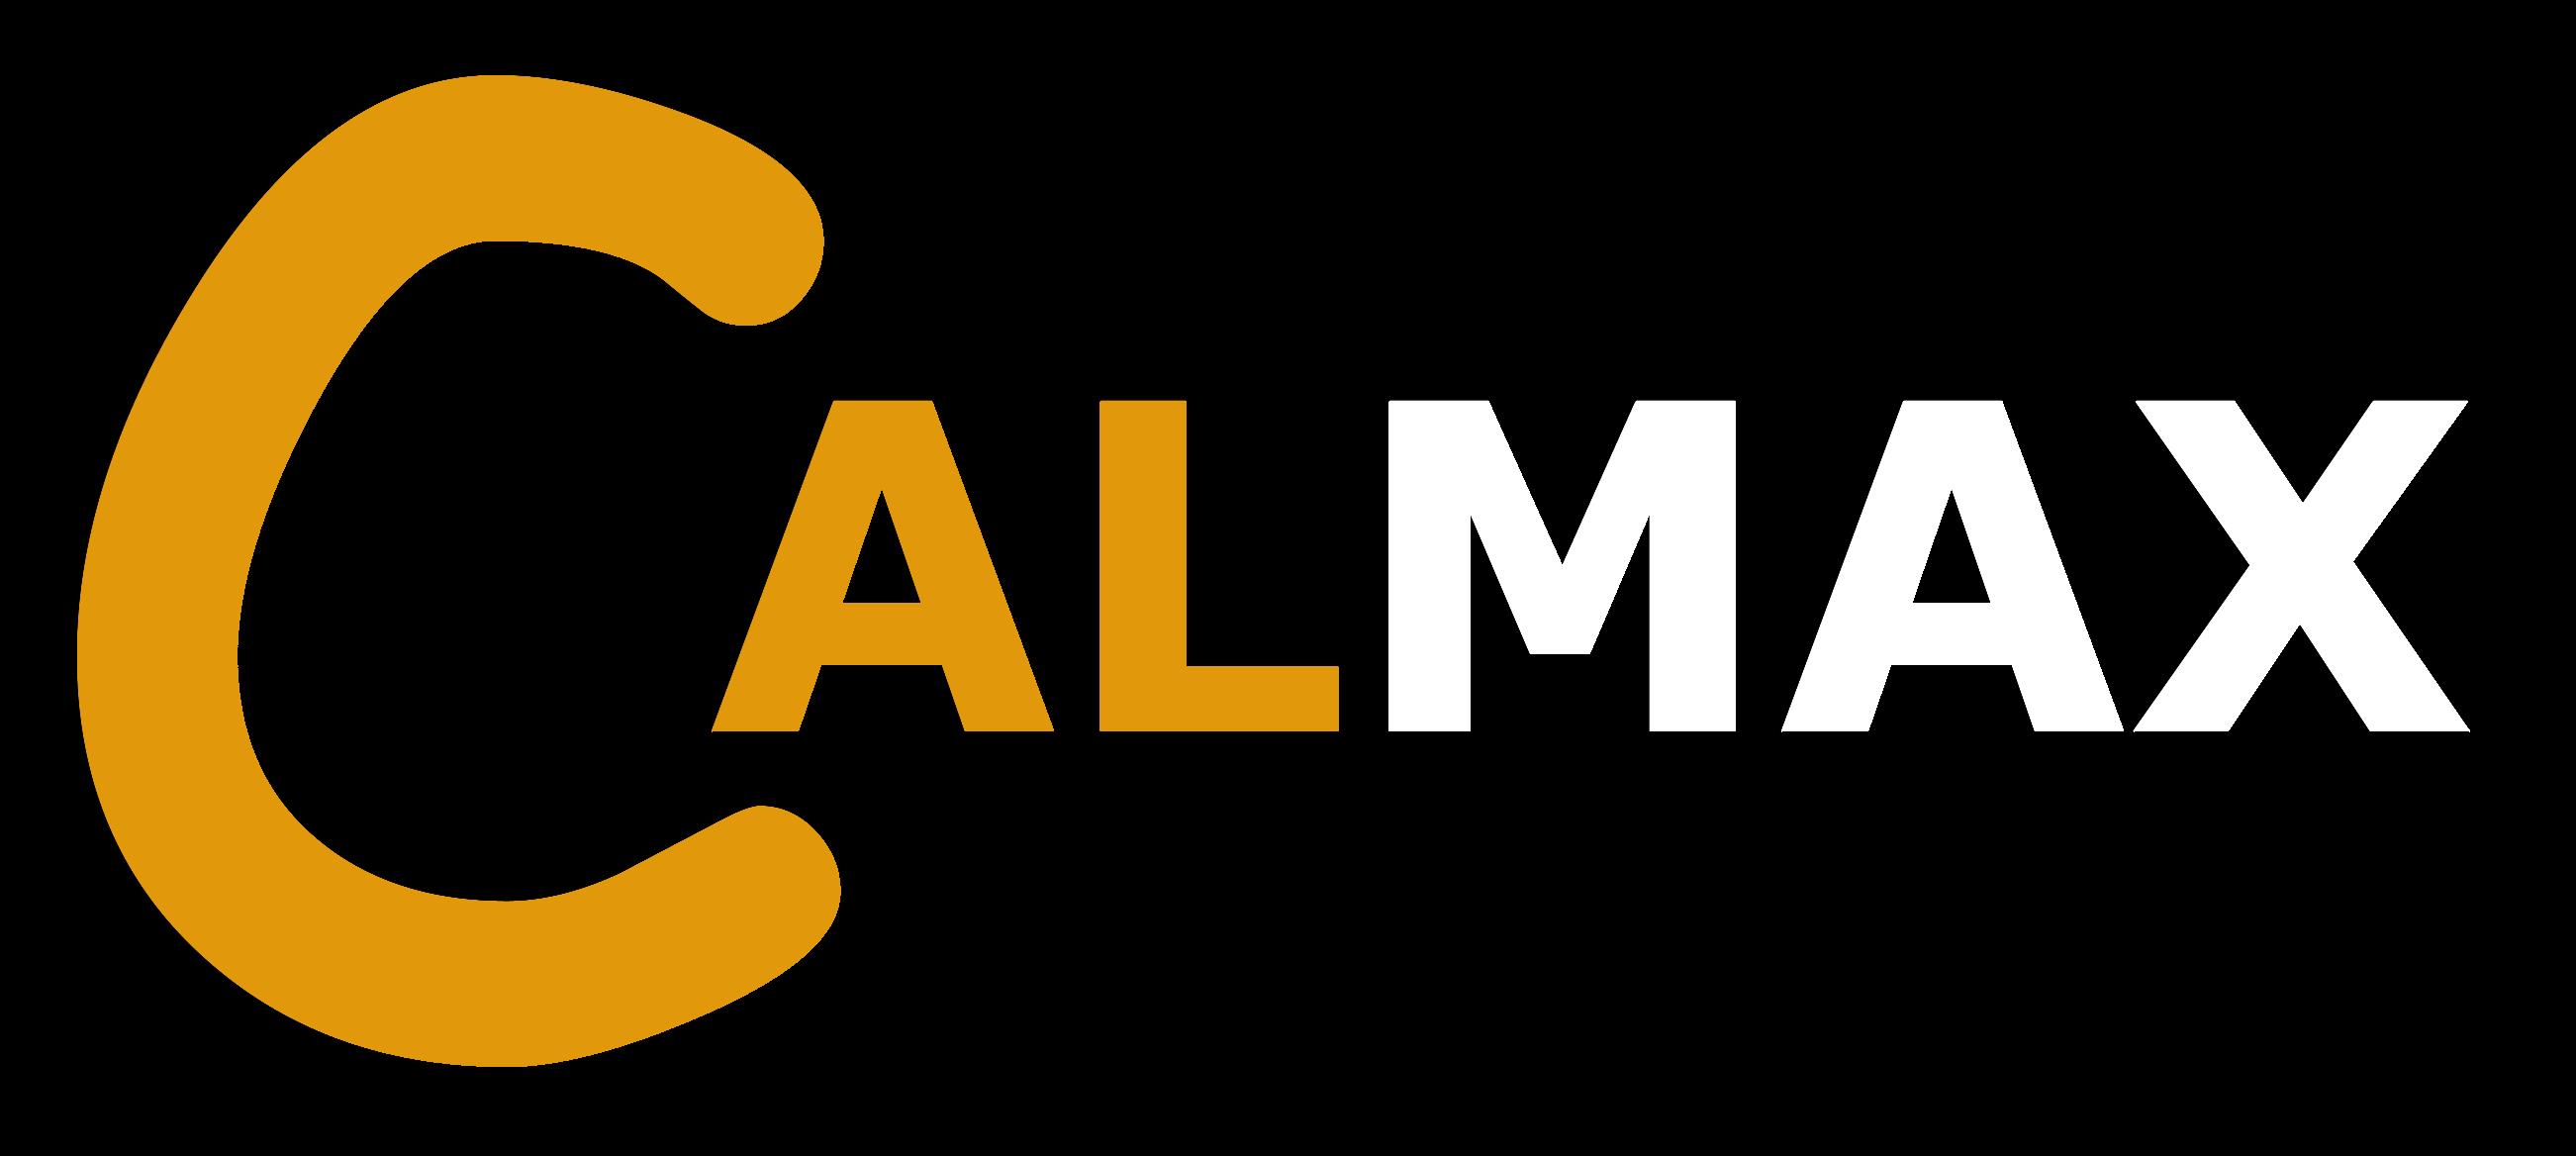 calmax film video  סלמקס